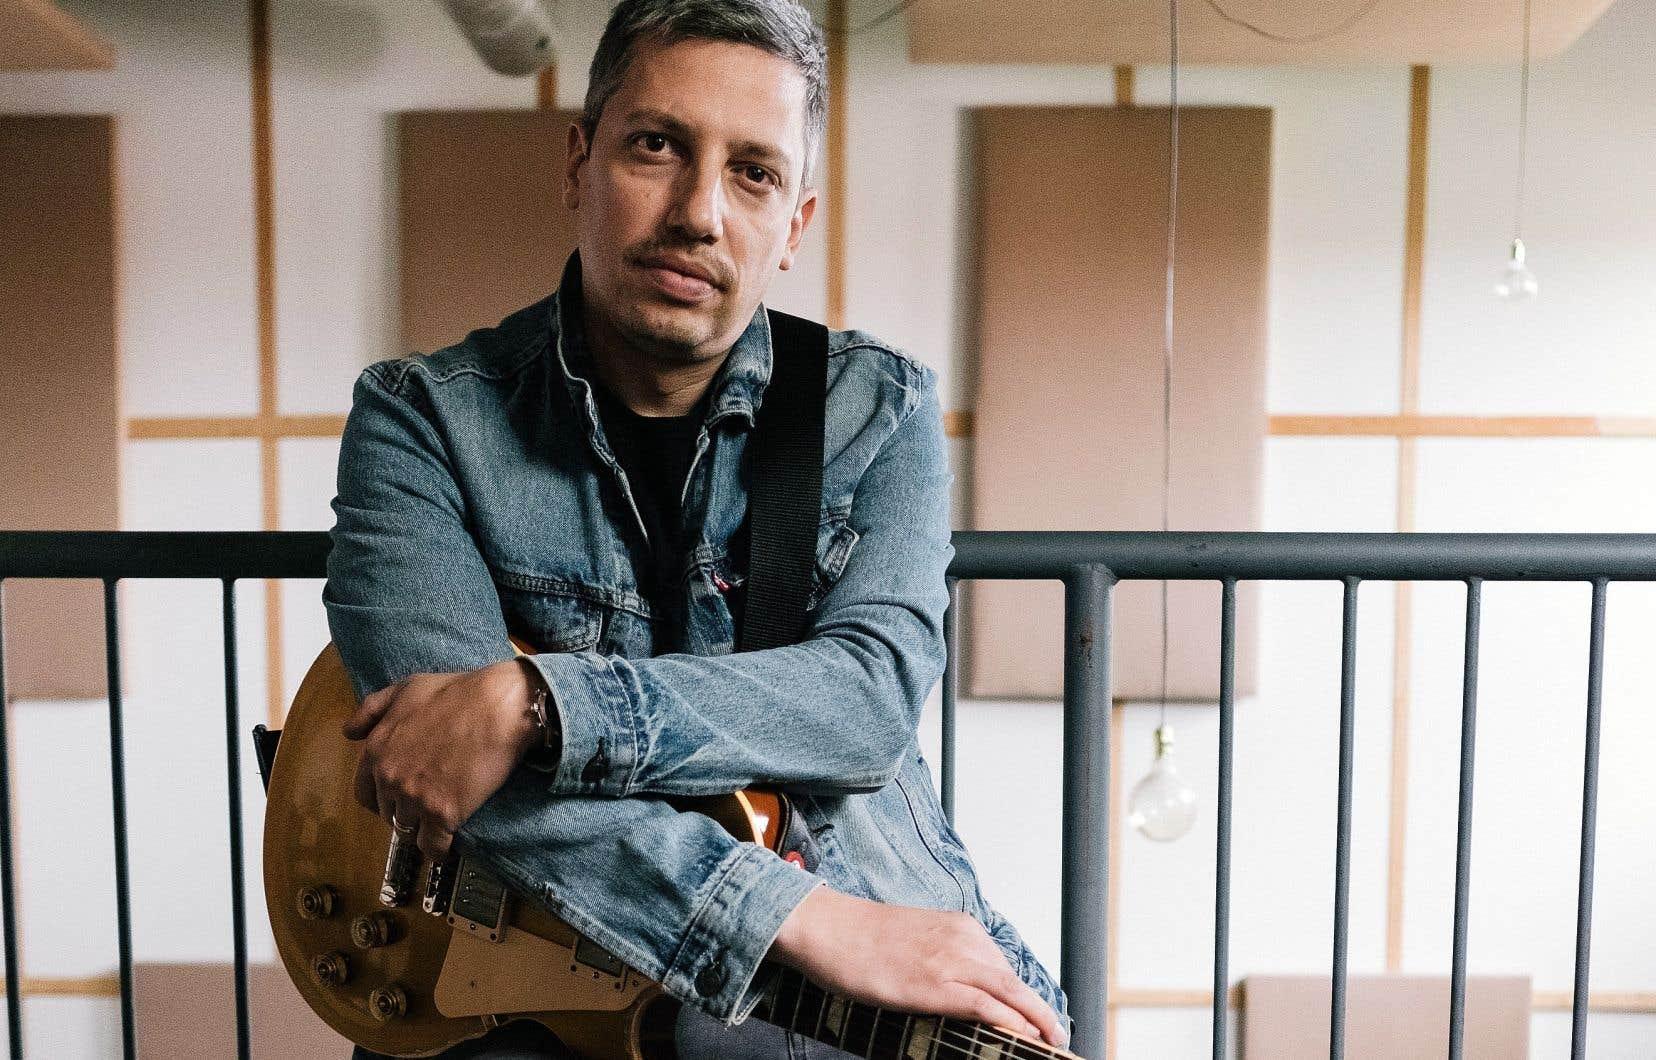 Andre Papanicolaou est surtout connu comme un guitariste accompagnateur respecté.